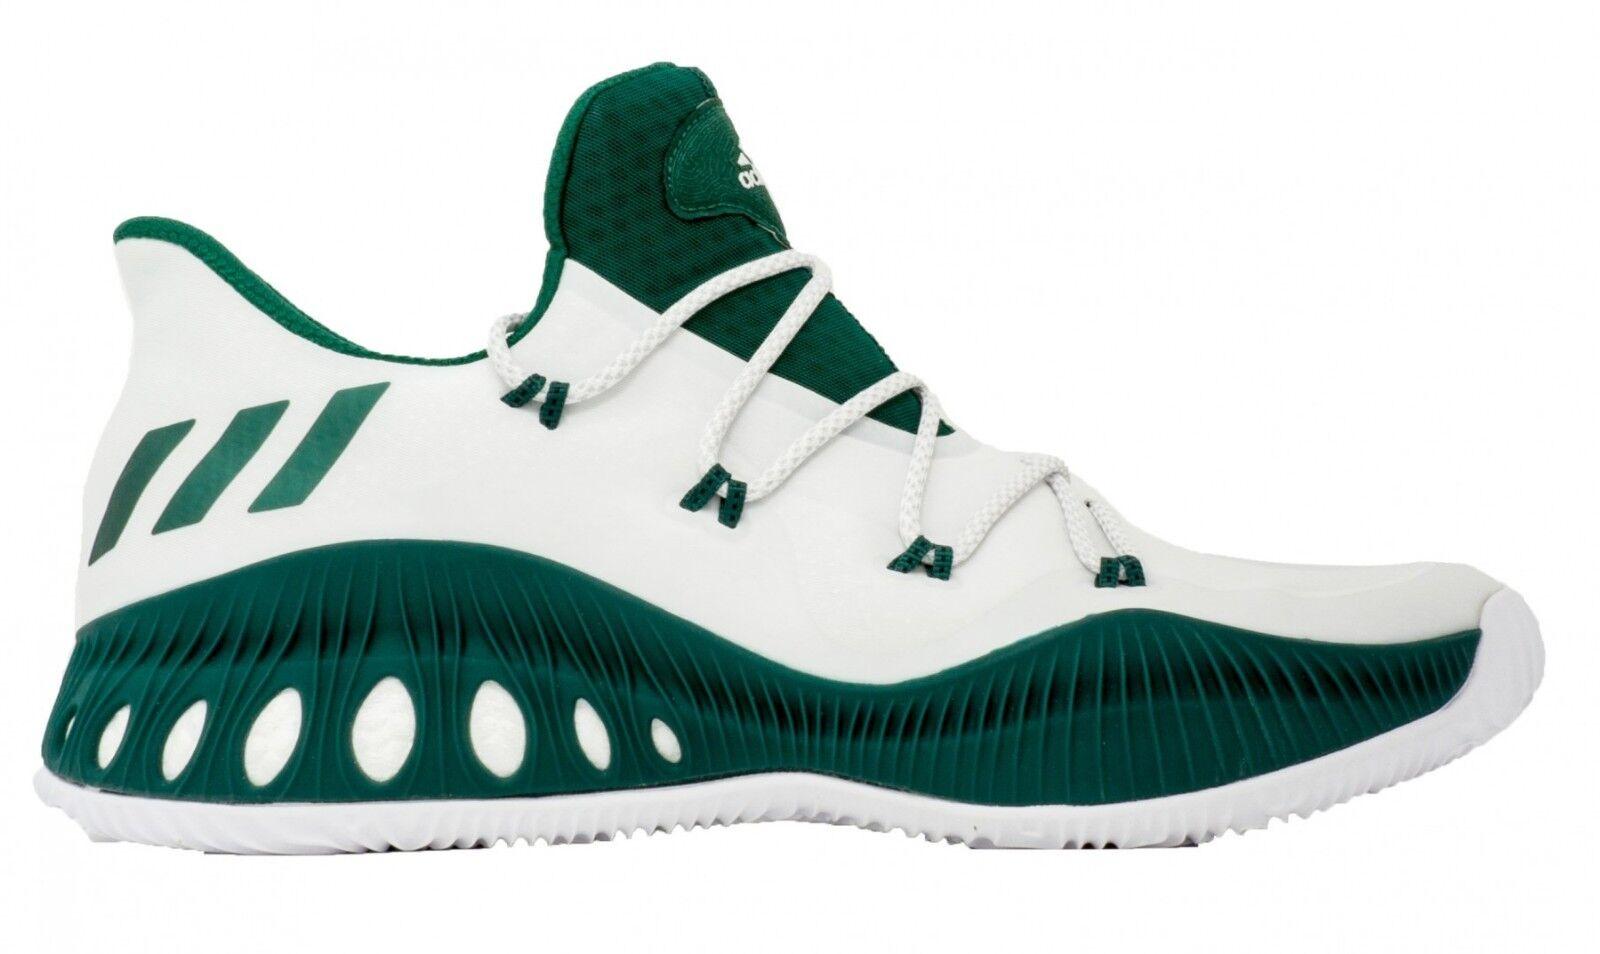 adidas fou blanc    vert explosif faible  hommes 15 boost baskets msu | Nombreux Dans La Variété  c23cb5